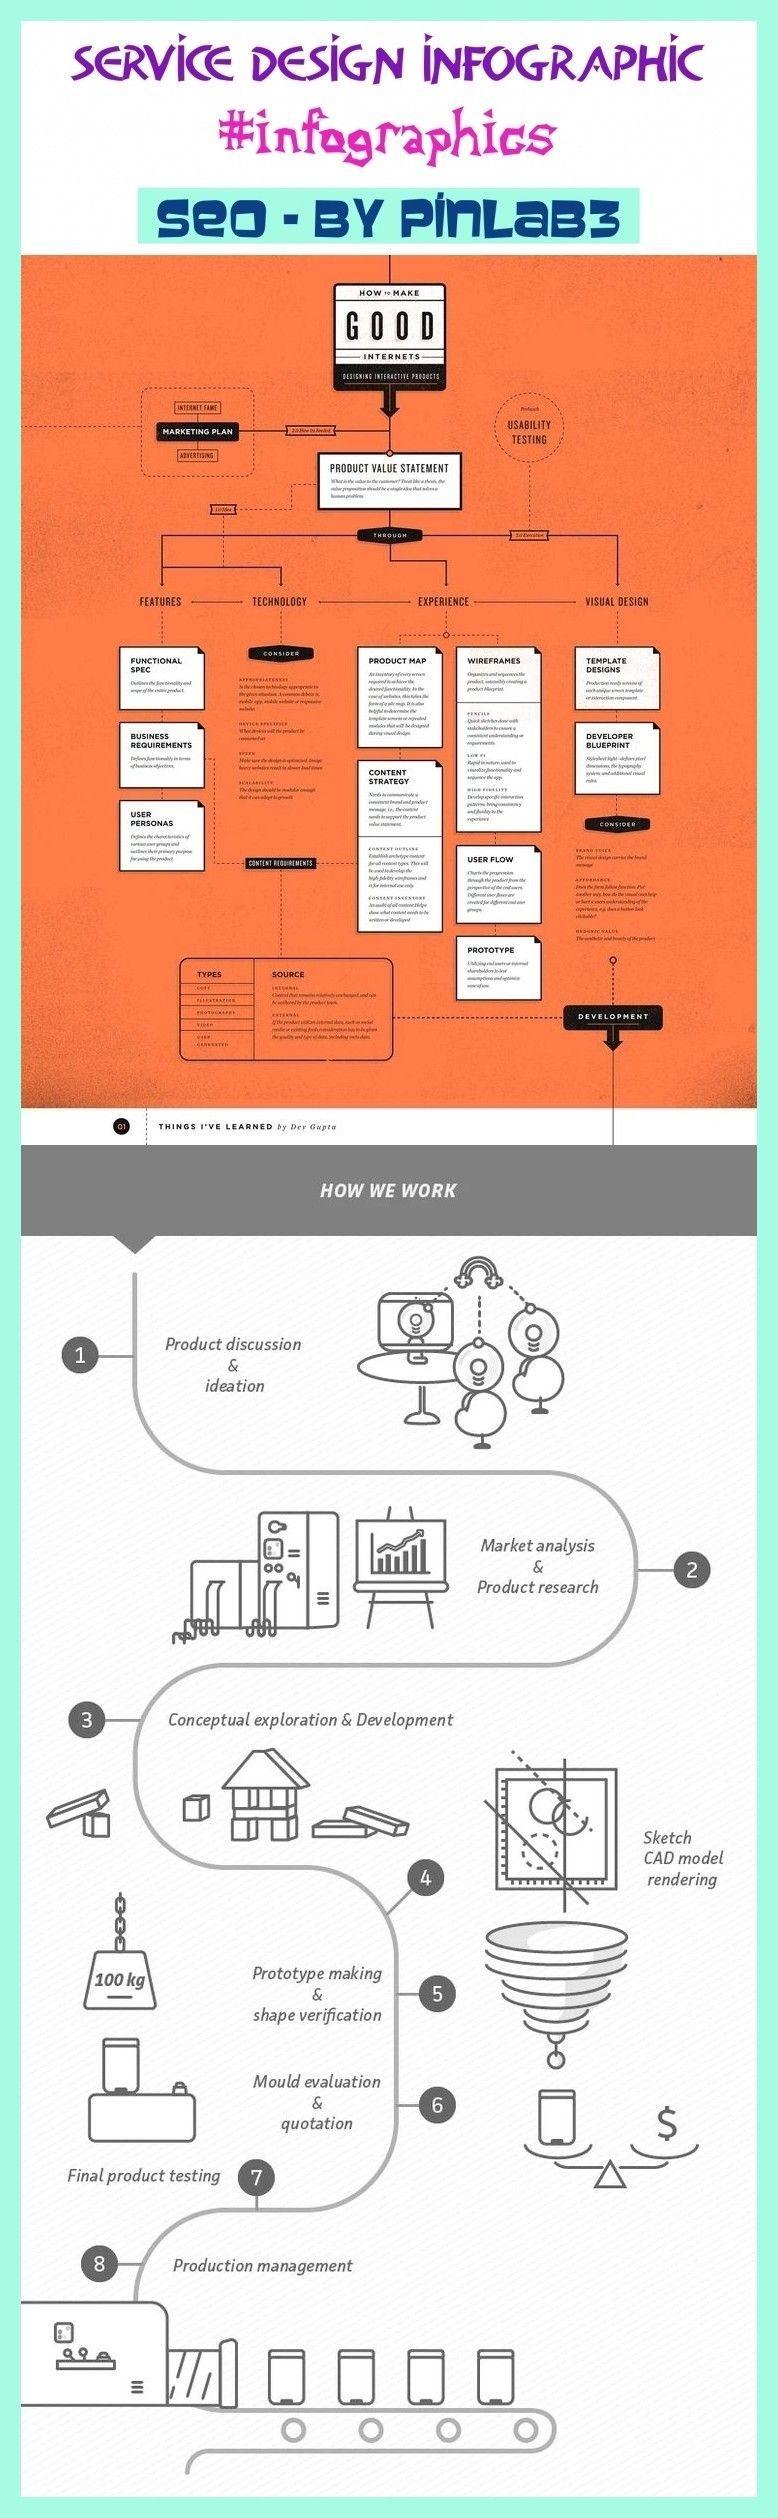 Service Design Presentation Graphic design Graphic design Service design presentation Service design office Service design definition Service design plan Service design i...